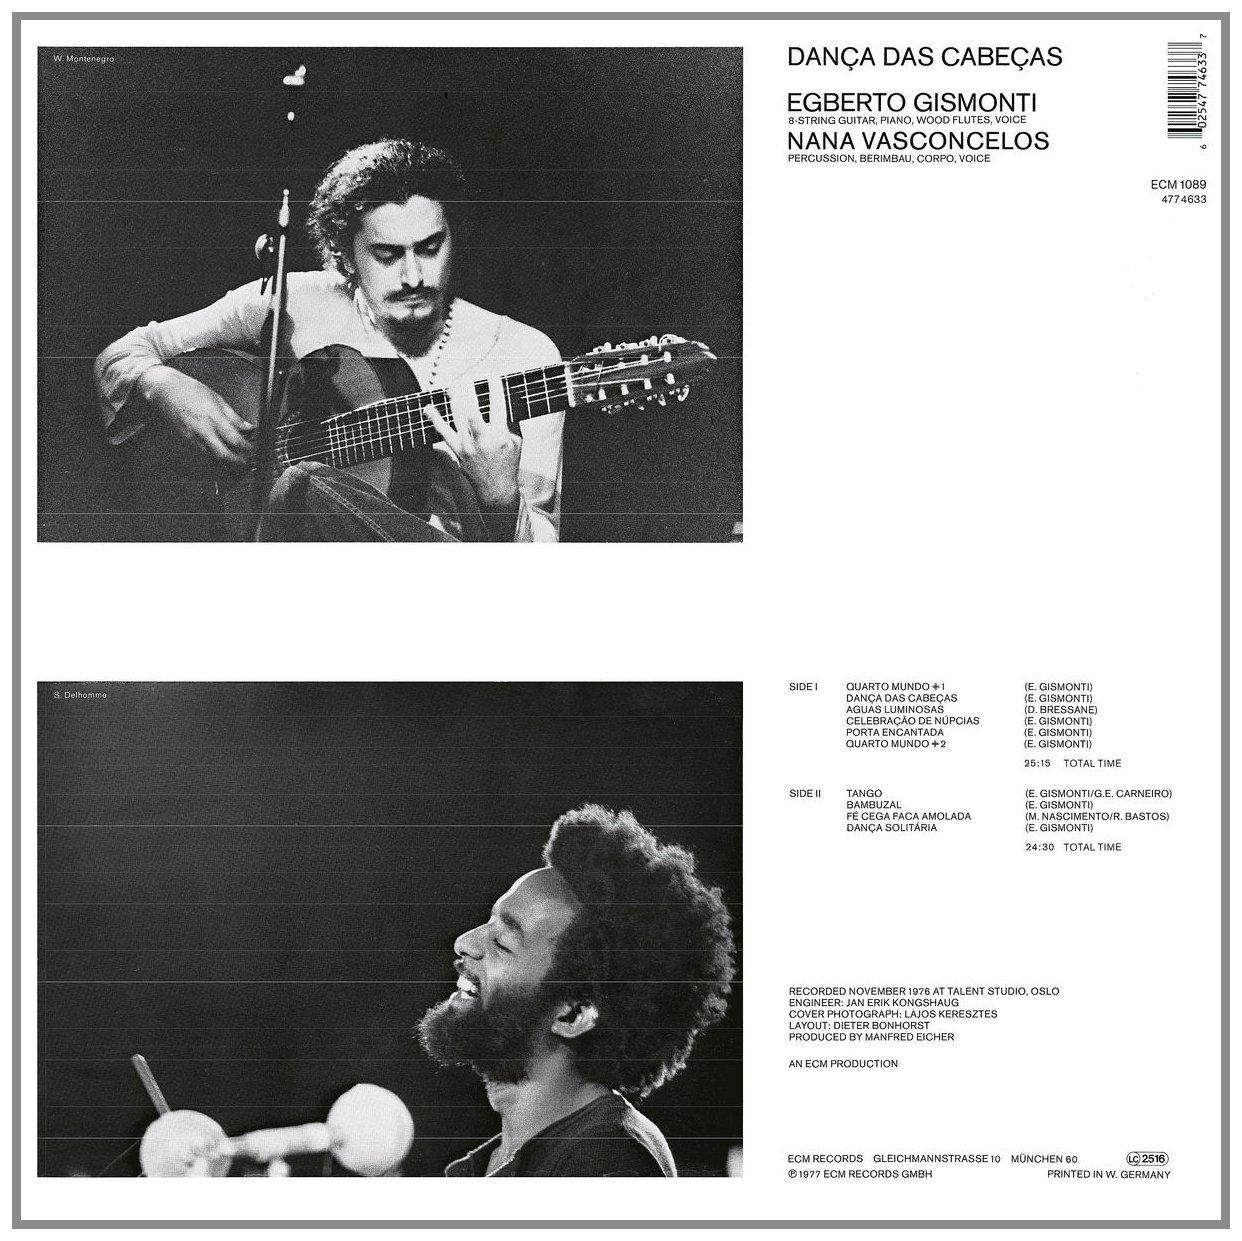 Danca Das Cabecas [LP]